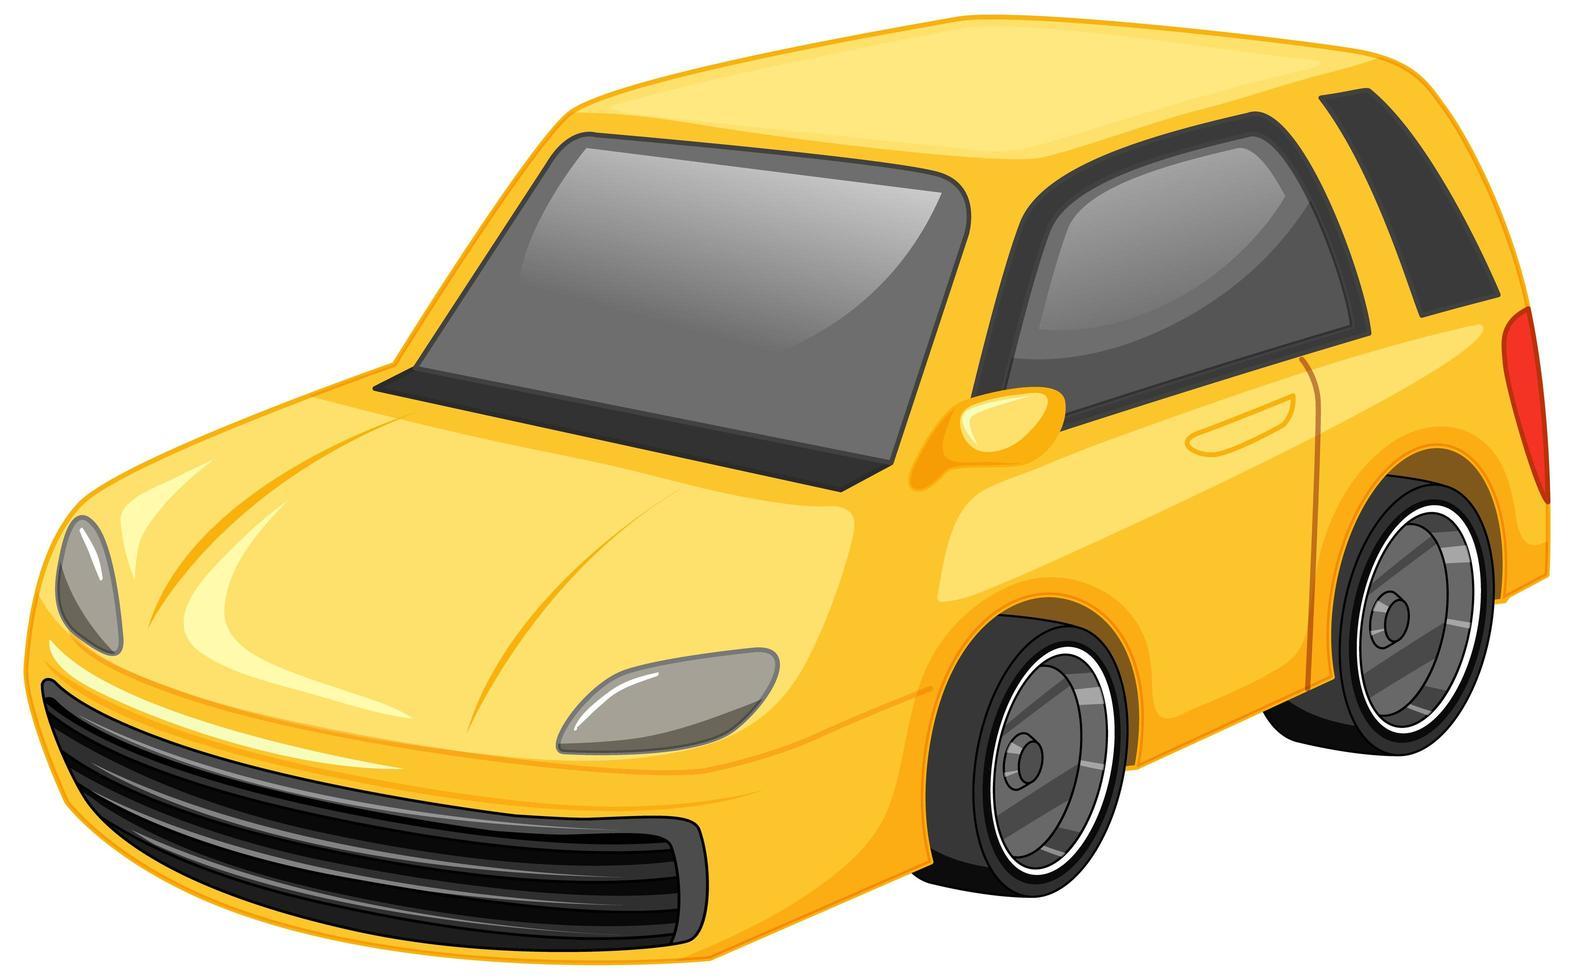 estilo de dibujos animados de coche amarillo aislado sobre fondo blanco vector